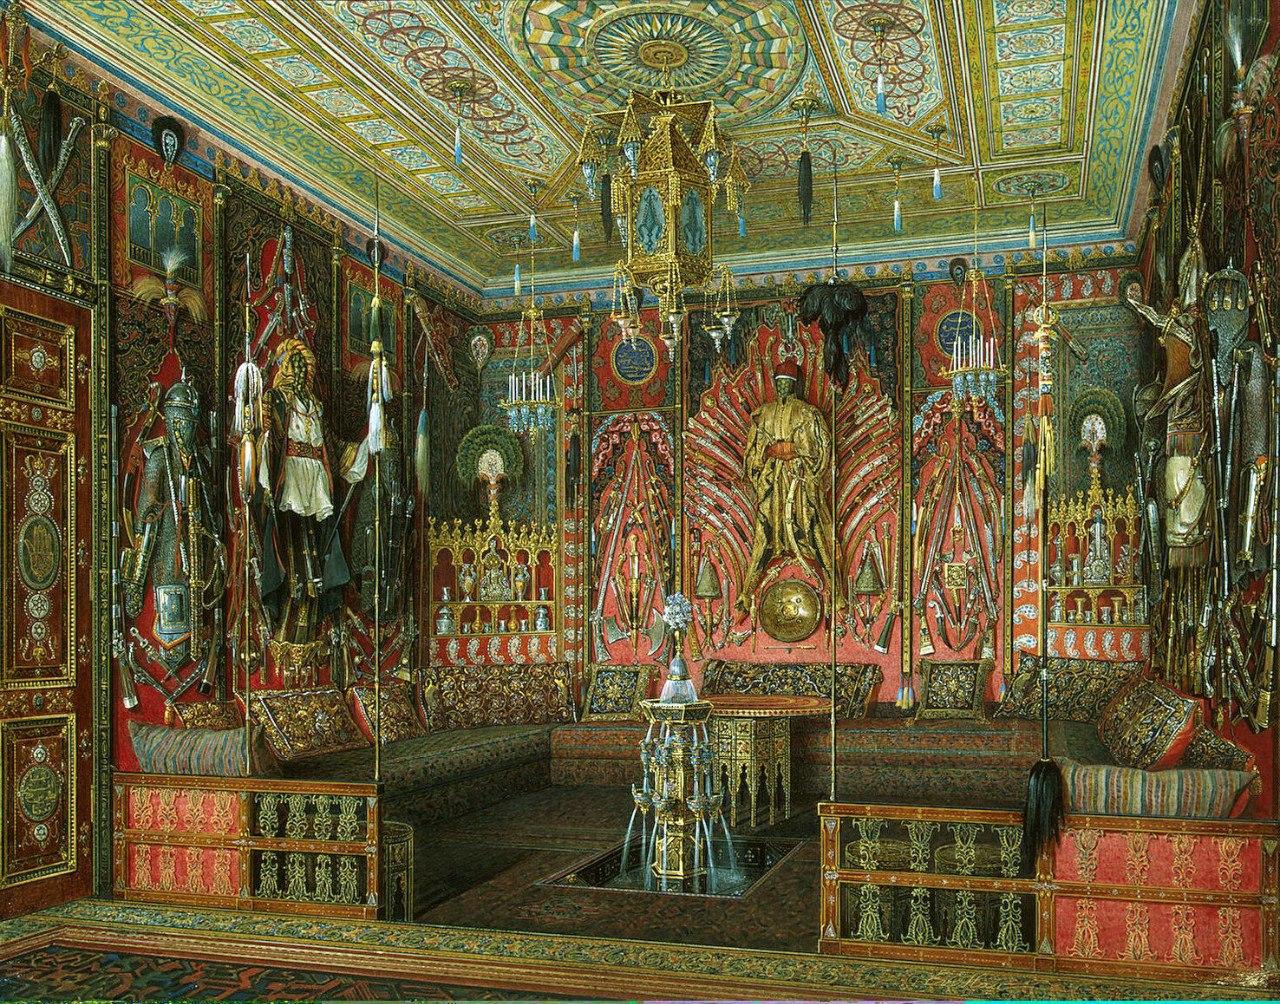 Картина Турецкая комната в Екатерининском дворце Царского Села :: Эдуард Гау - Арабский стиль фото